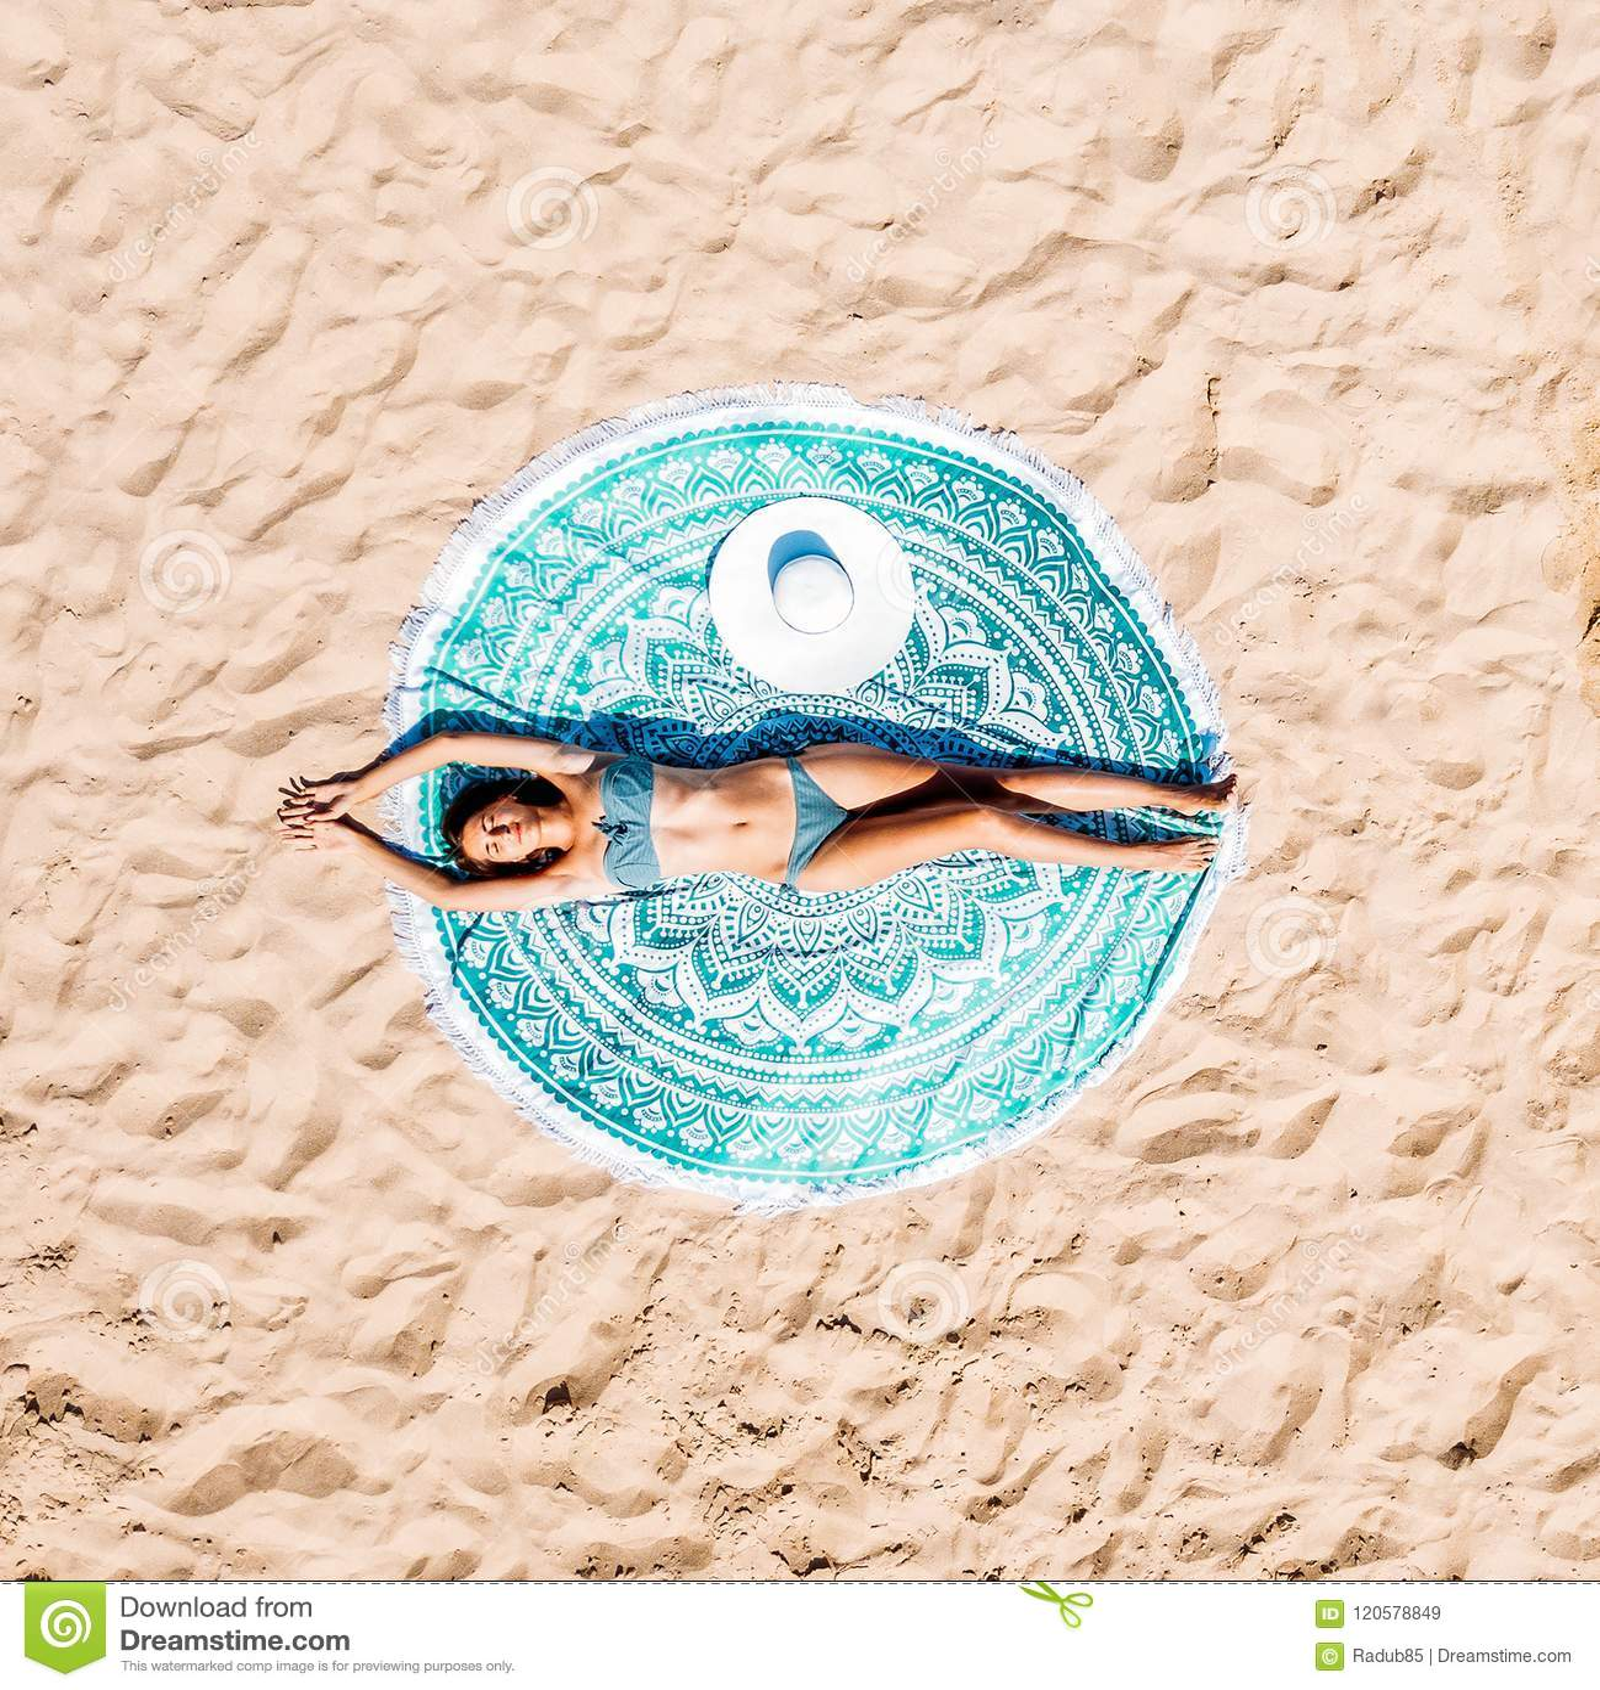 Luftbrummen-Ansicht der Frau im Badeanzug-Bikini, der auf rundem Türkis-Badetuch nahe dem Ozean sich entspannt und ein Sonnenbad